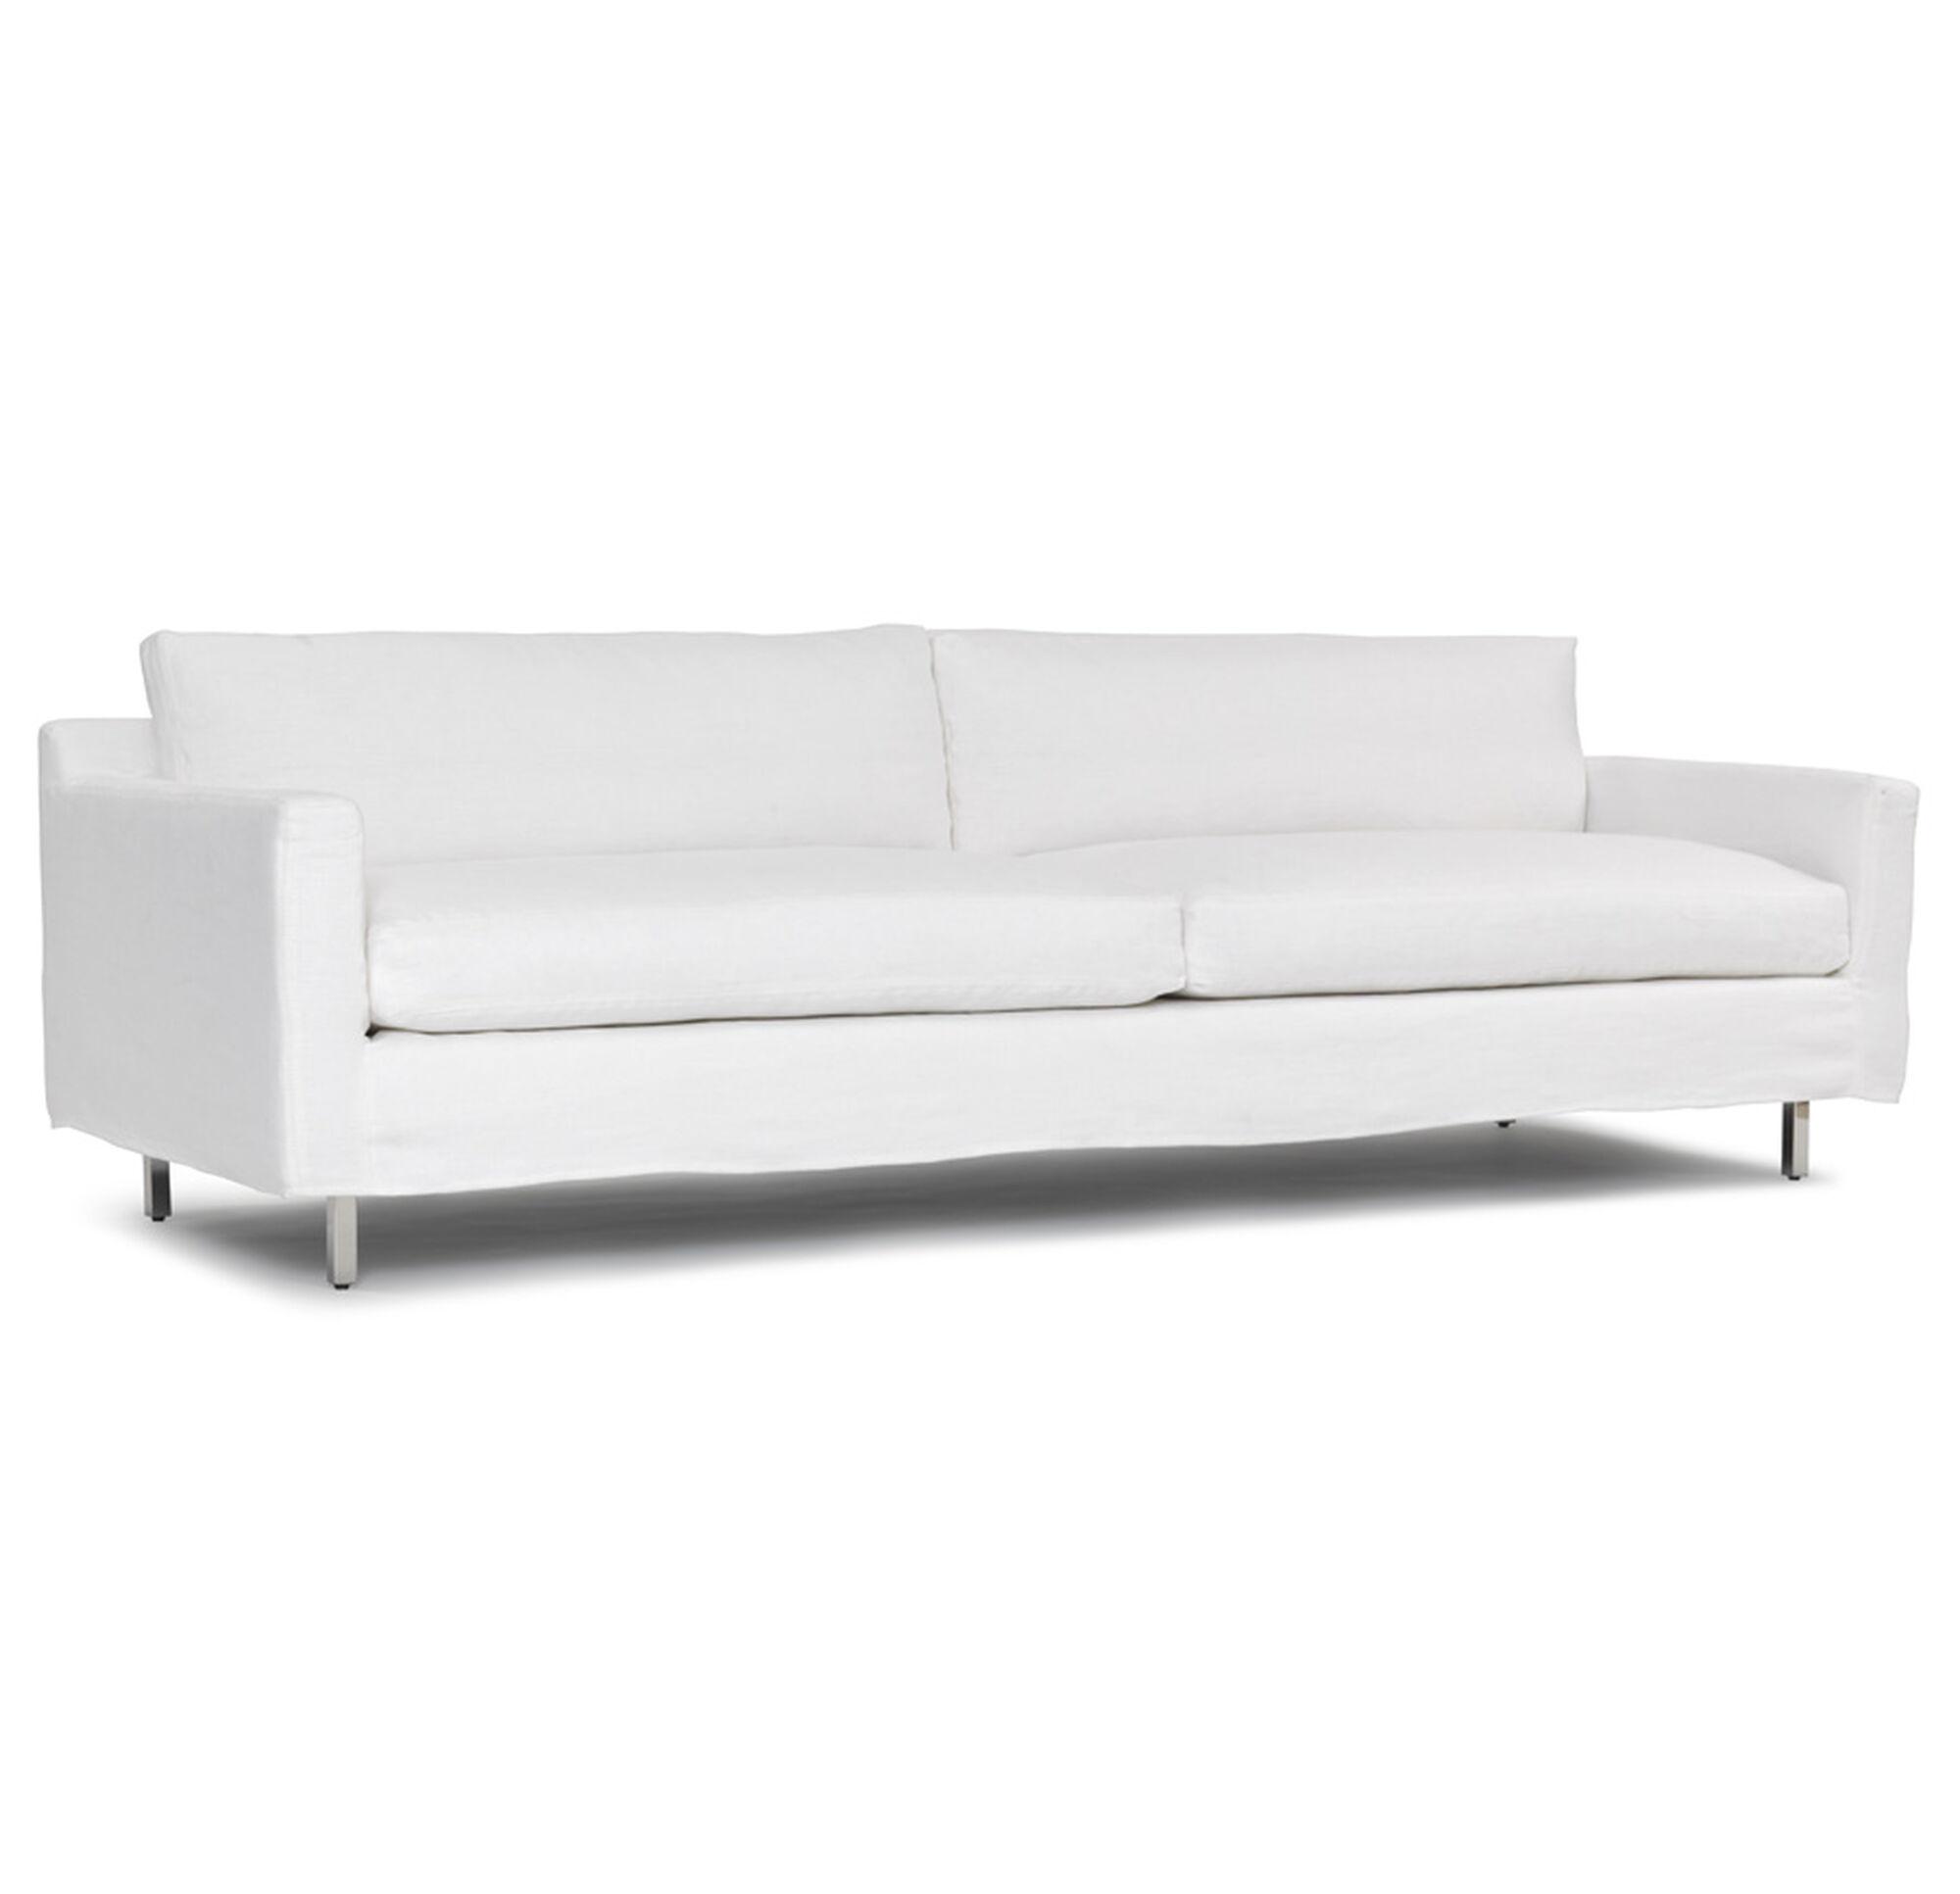 100 Slipcover Sofa Bed Carolina Charm March 2013